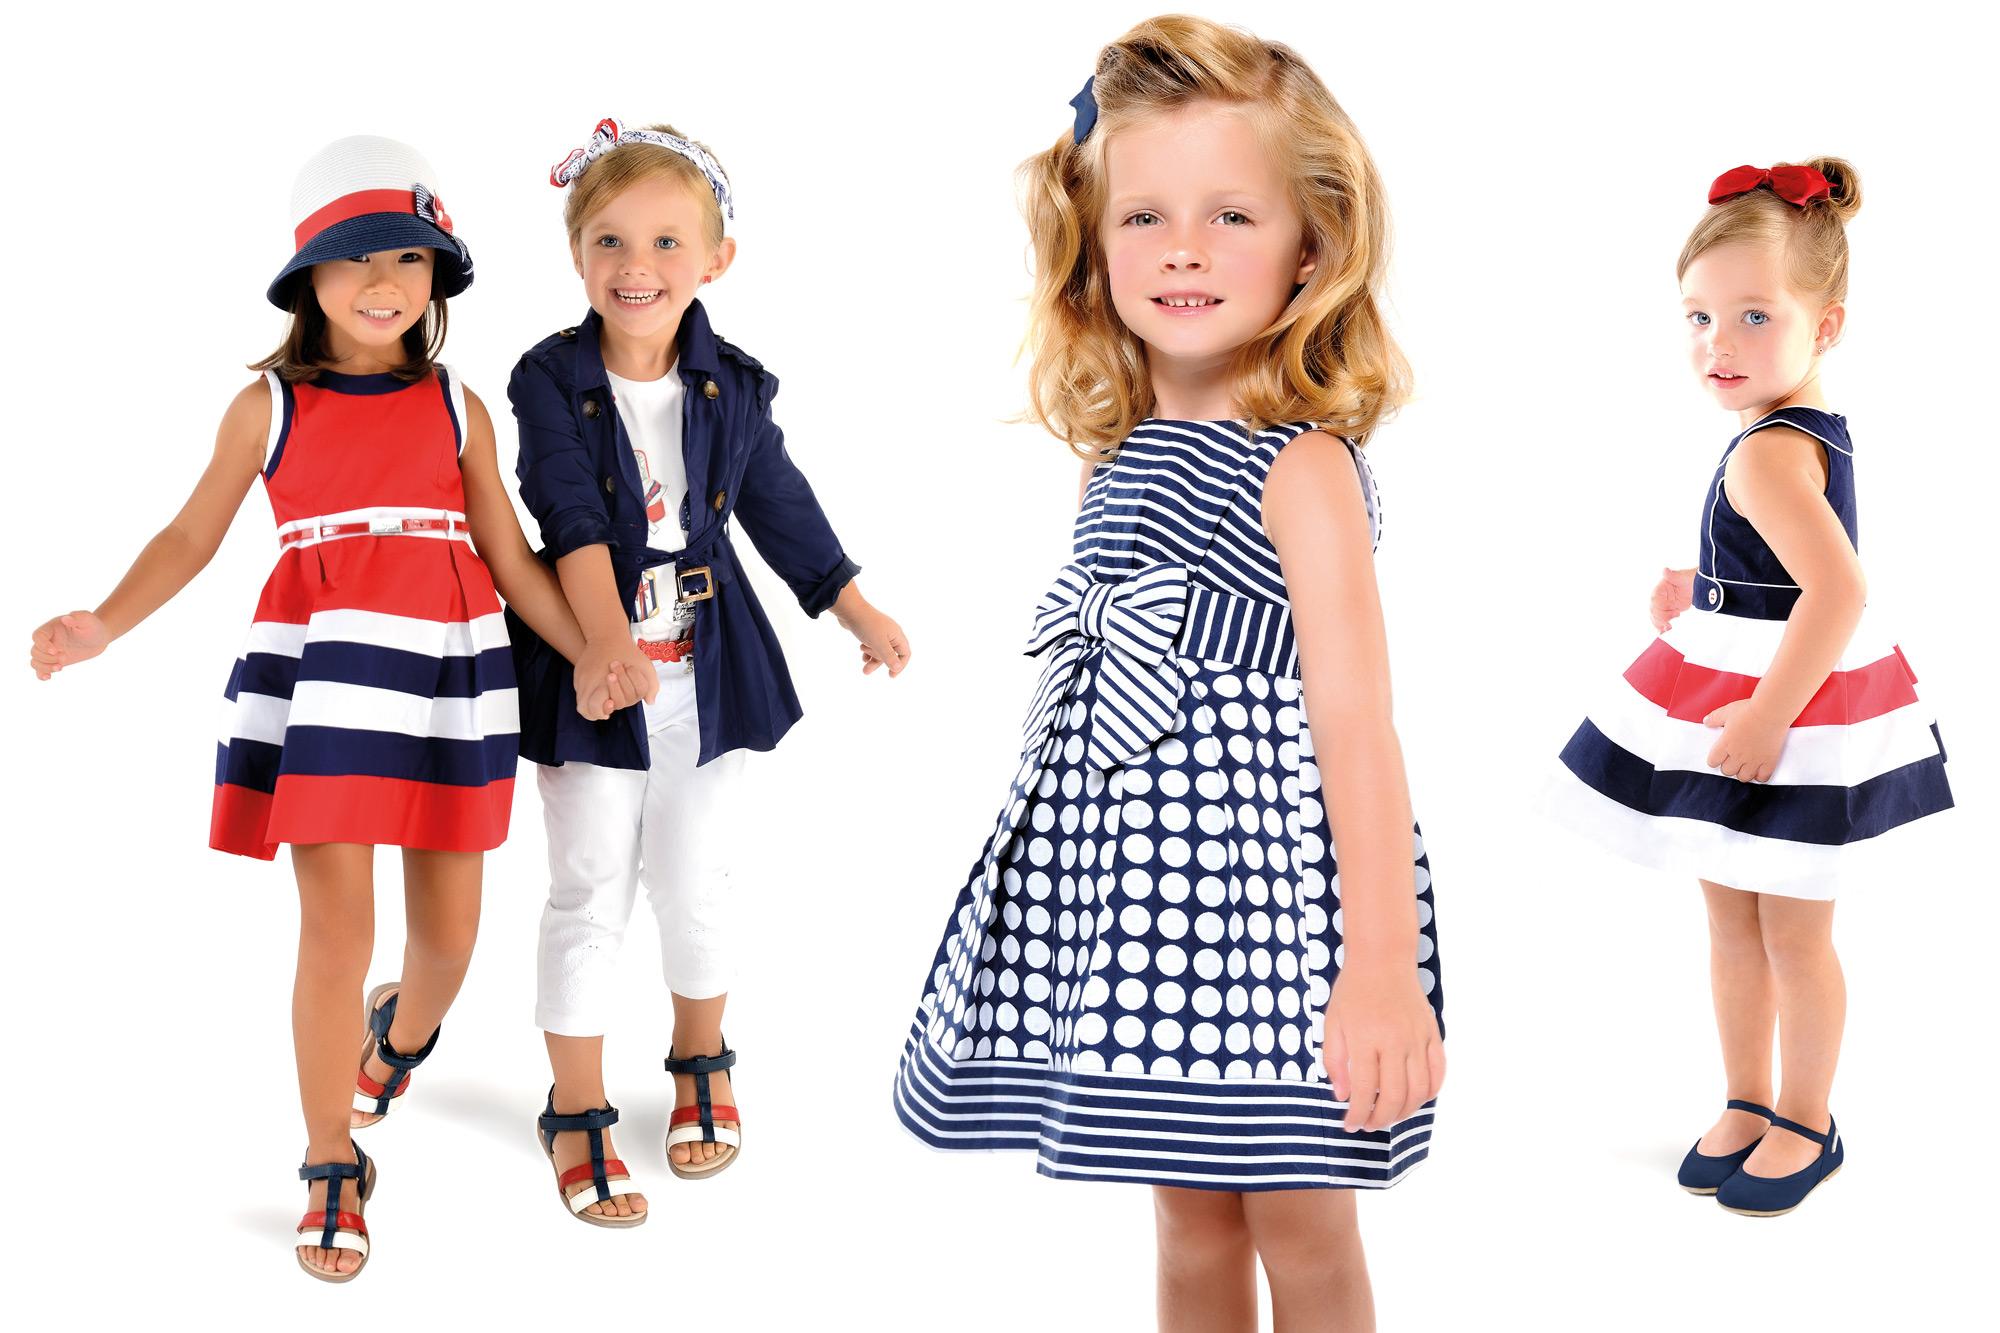 Лучший онлайн-магазин одежды и обуви для детей